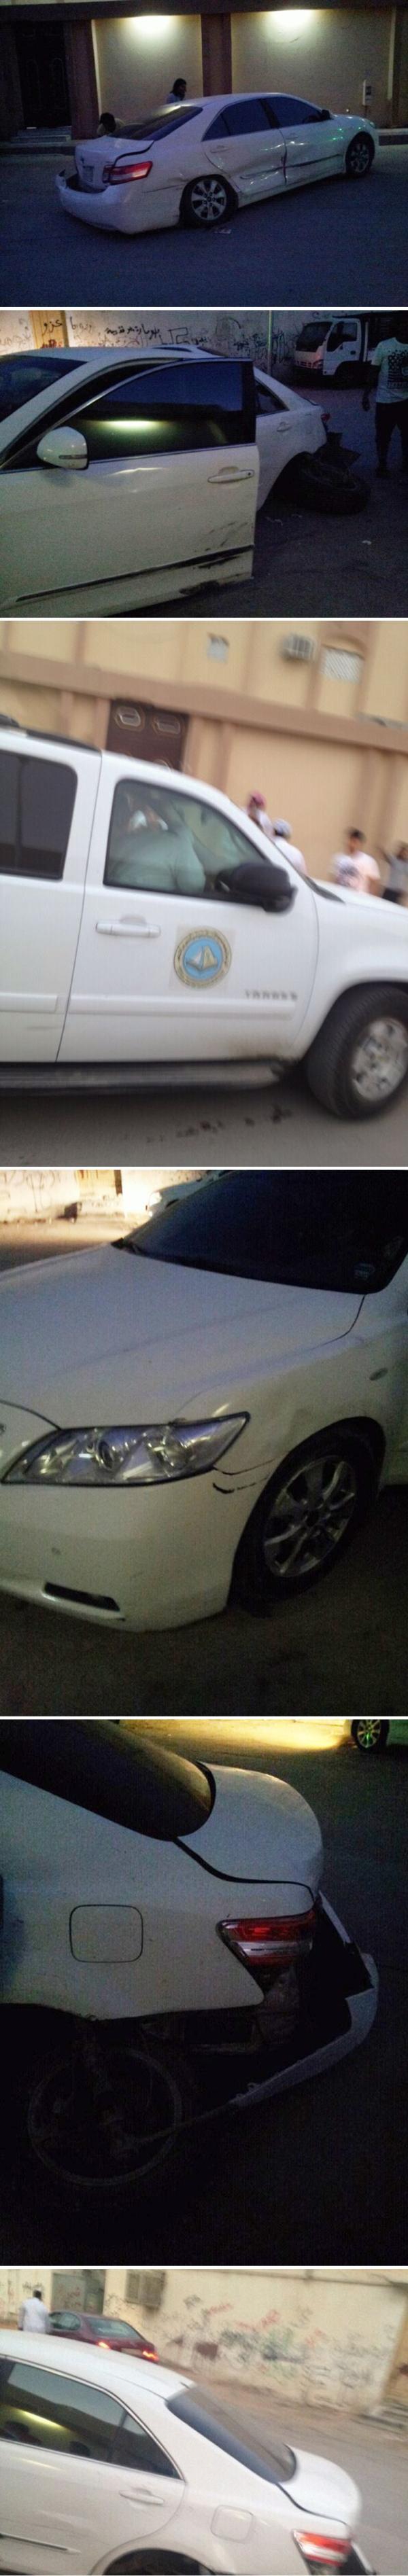 b1af17052bcf9 إلقاء القبض على مروج خمور ببريدة يعمل بأحد القطاعات الأمنية